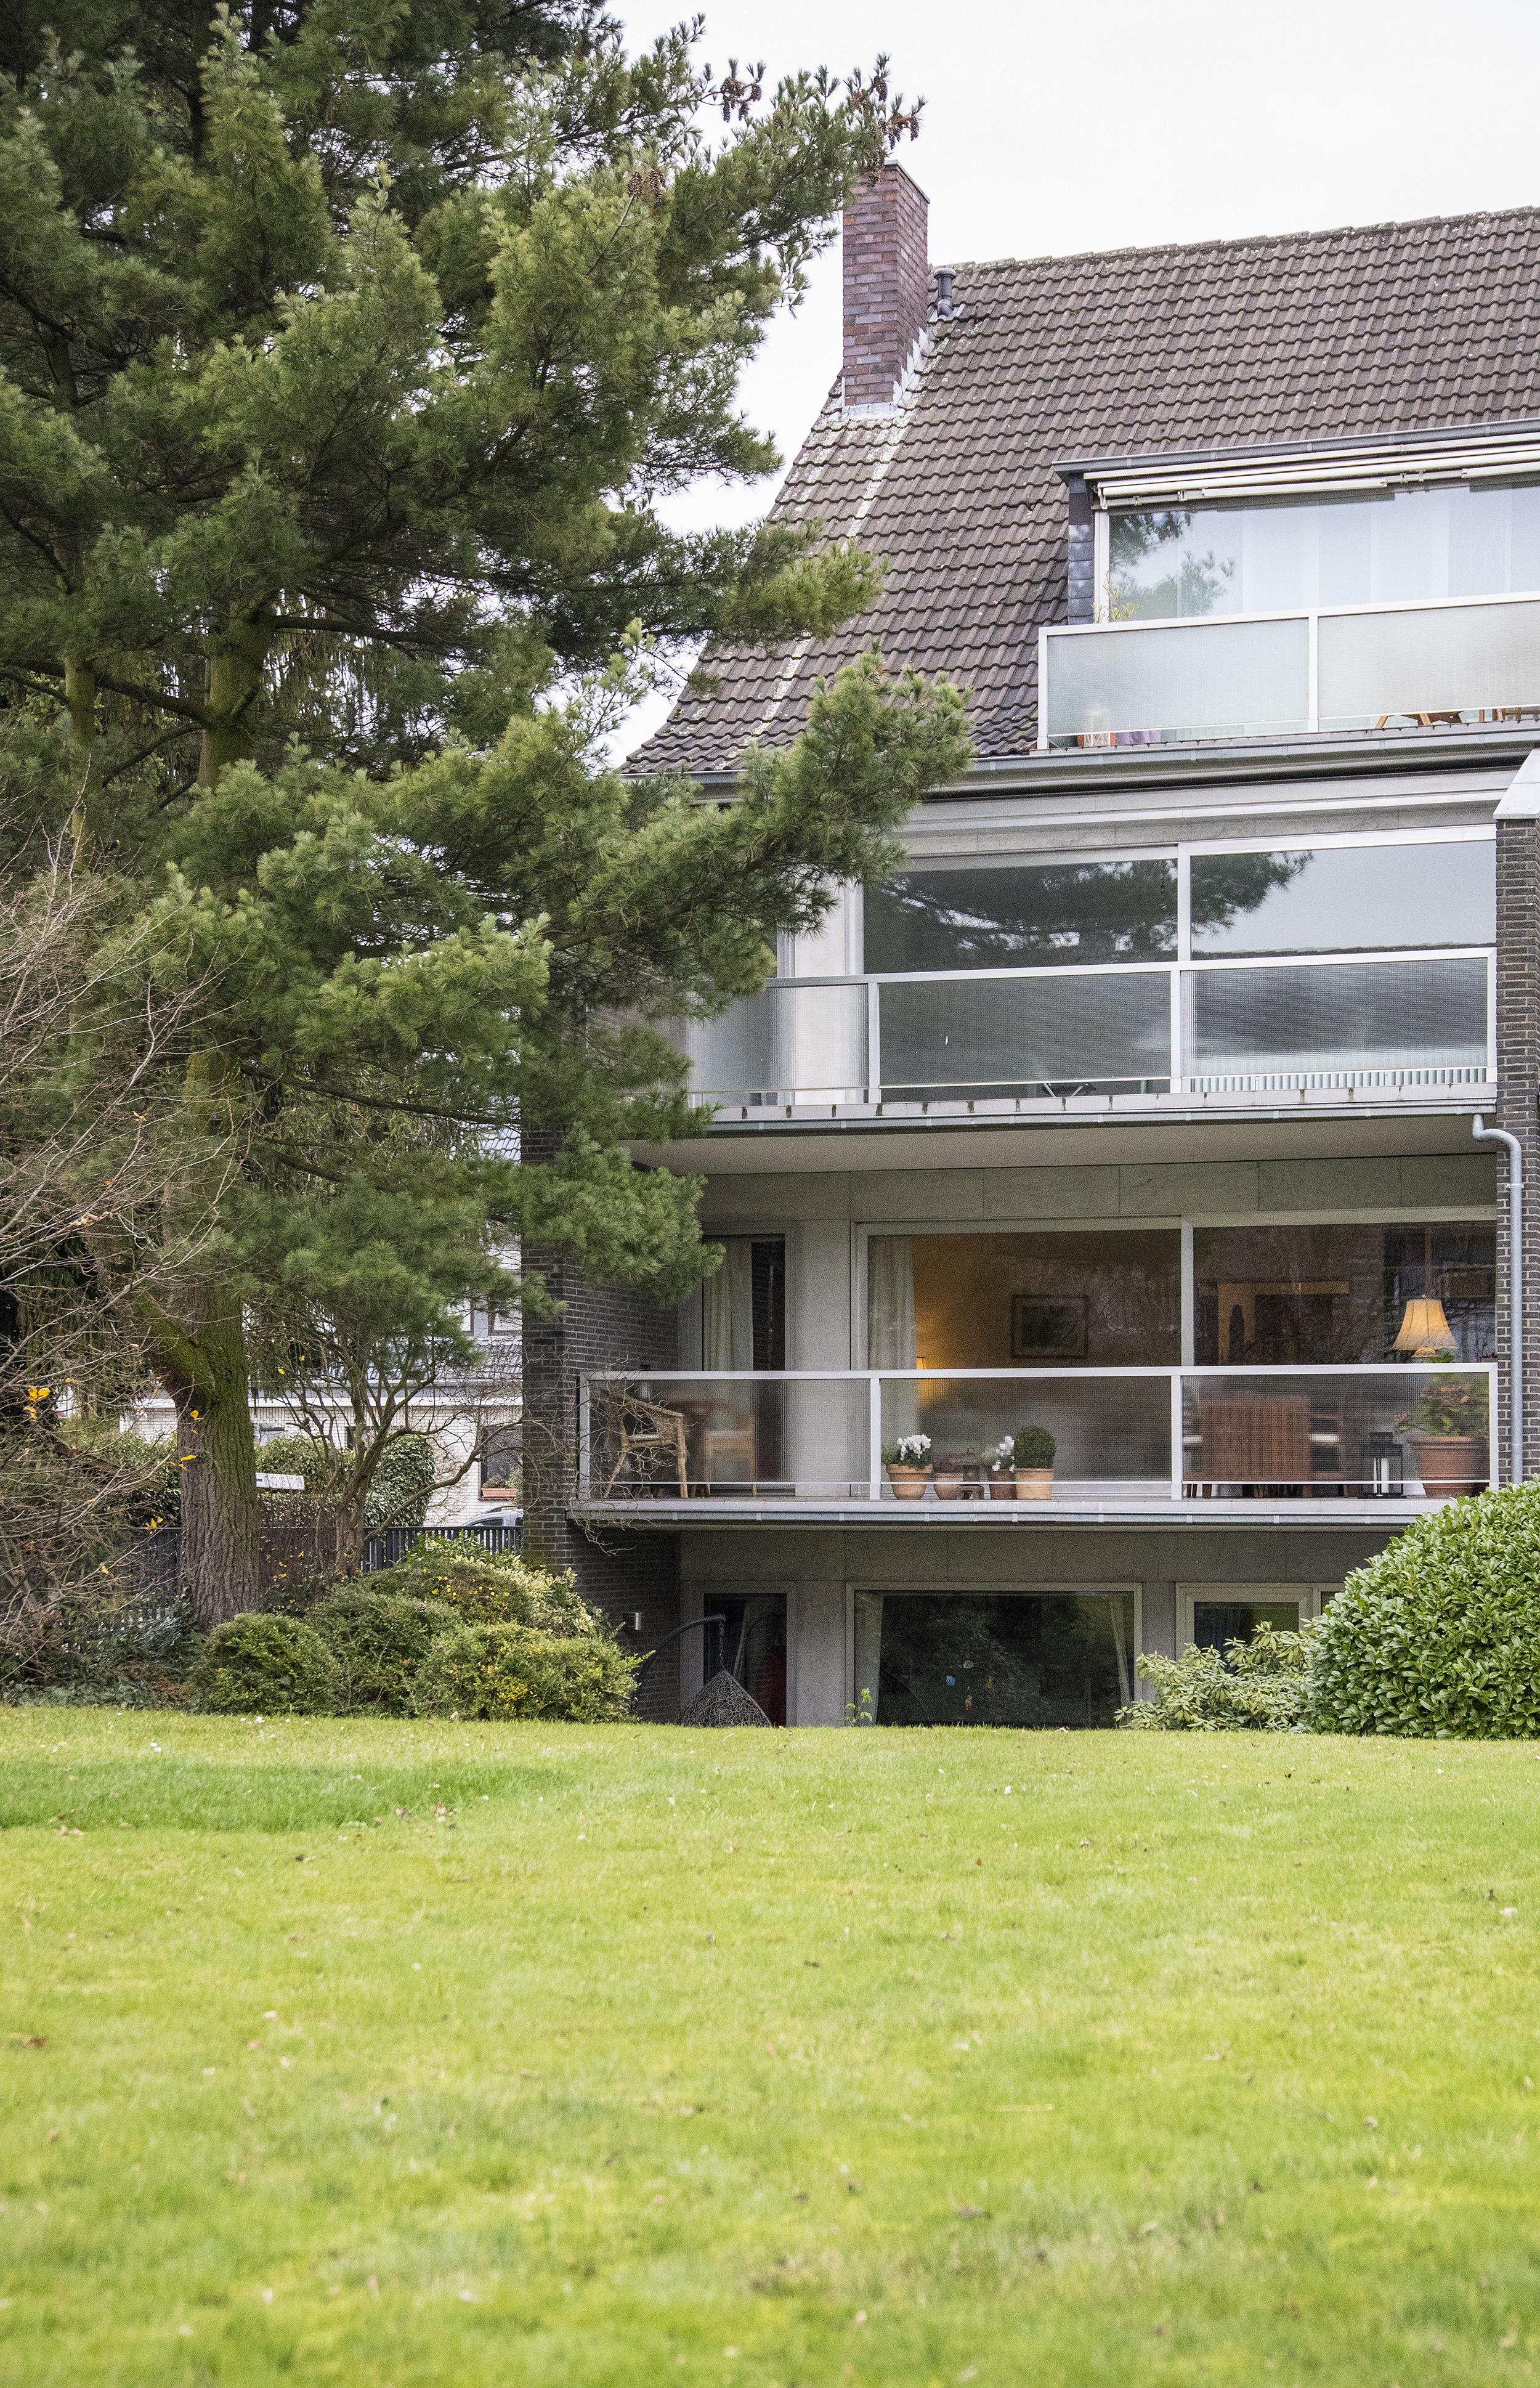 wohnung kaufen eigentumswohnung rhein kreis neuss gille immobilien. Black Bedroom Furniture Sets. Home Design Ideas